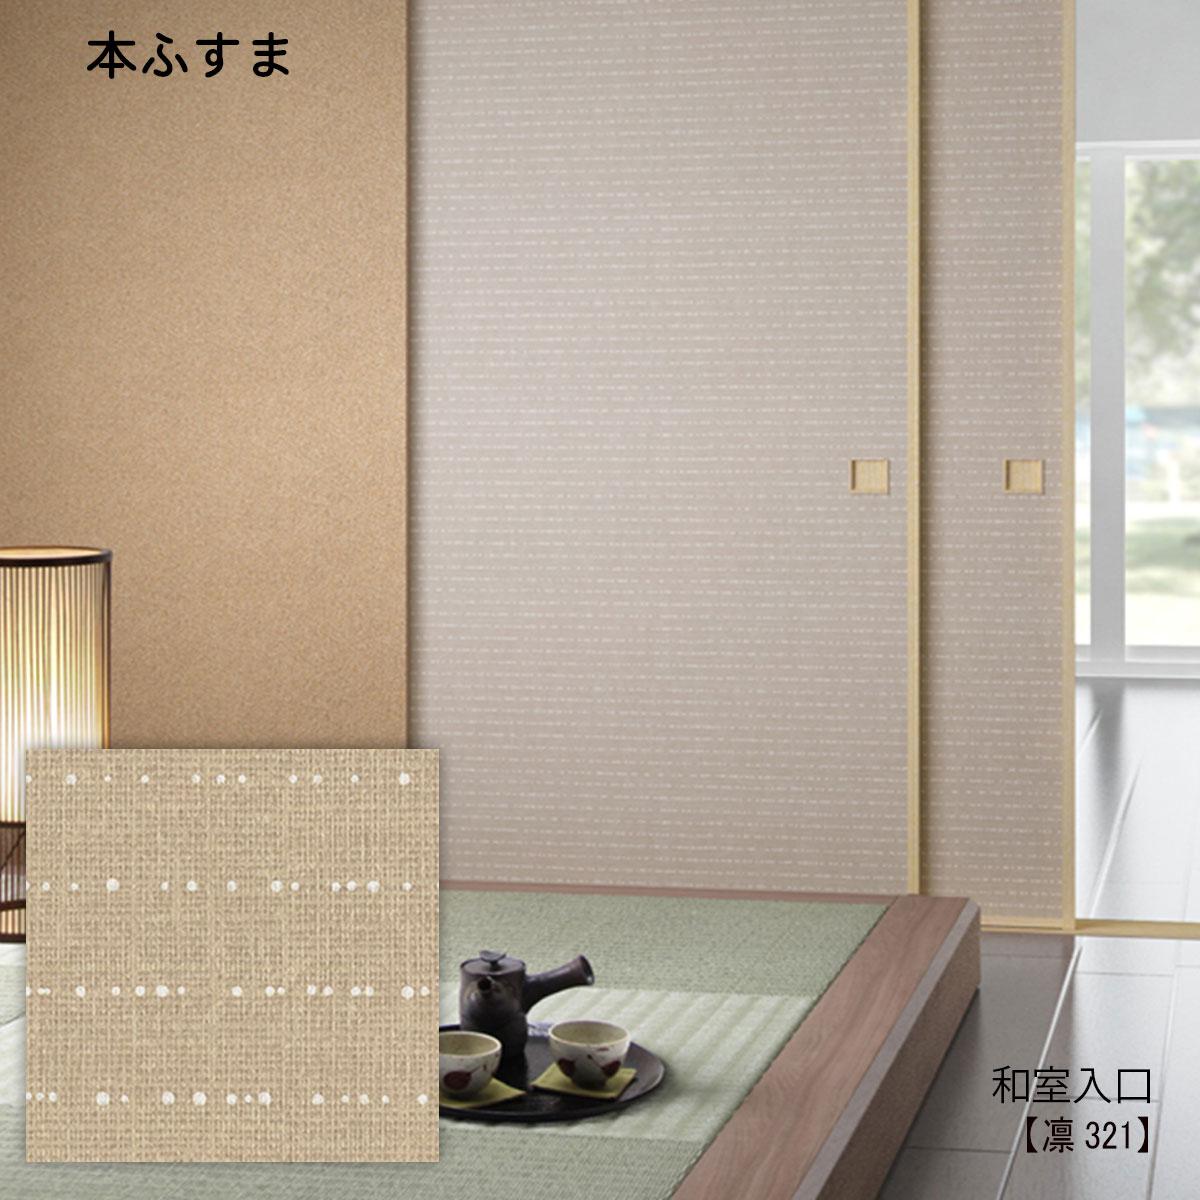 量産襖 襖 収納 襖紙 クローゼット 壁紙 Mサイズ 仕上げh600